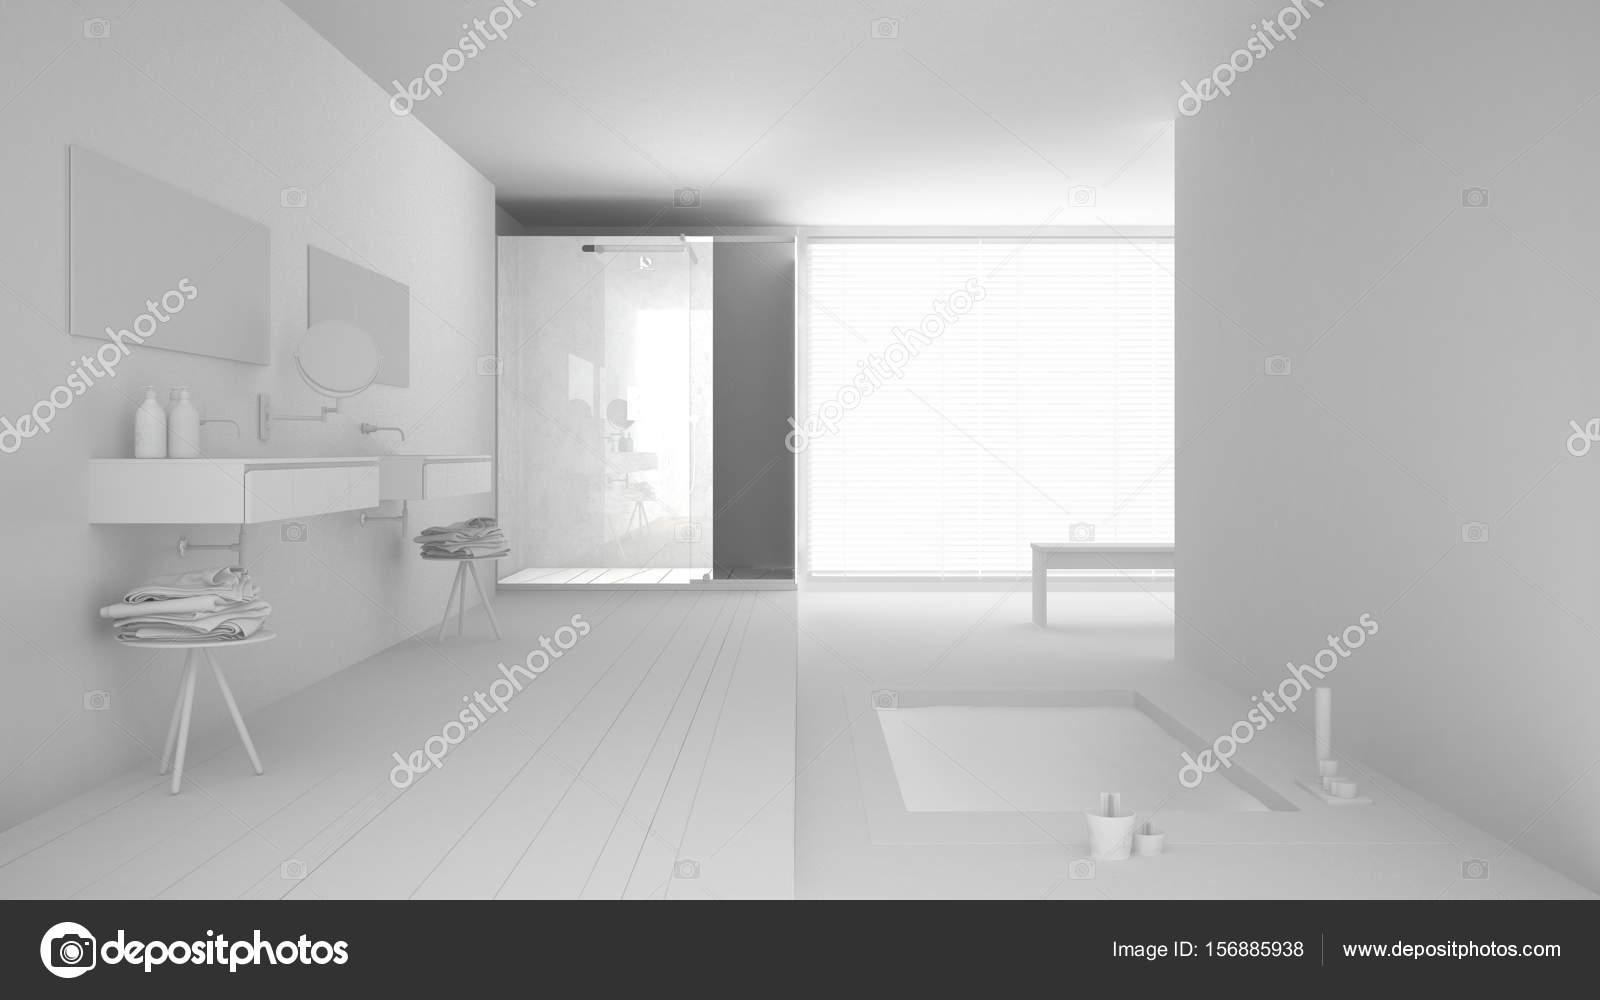 Ventanas minimalistas para baño | Total proyecto blanco minimalista ...